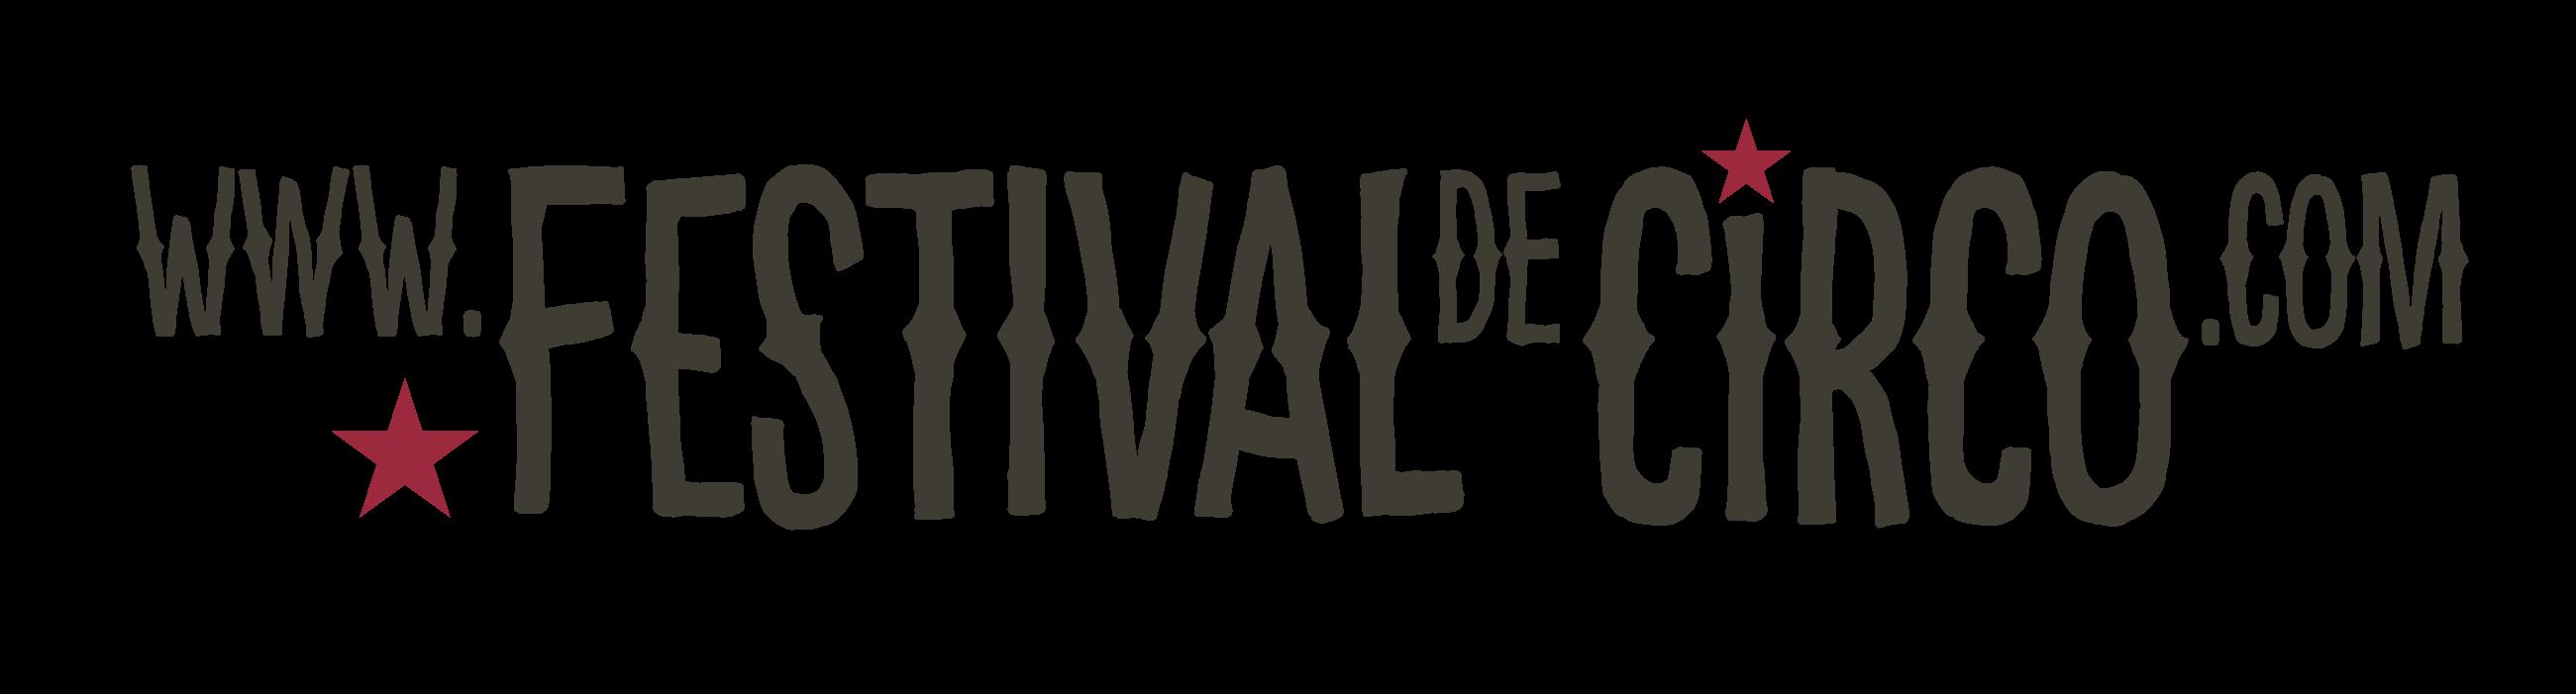 Logo FESTIVAL DE CIRCO_SIN fondo-07